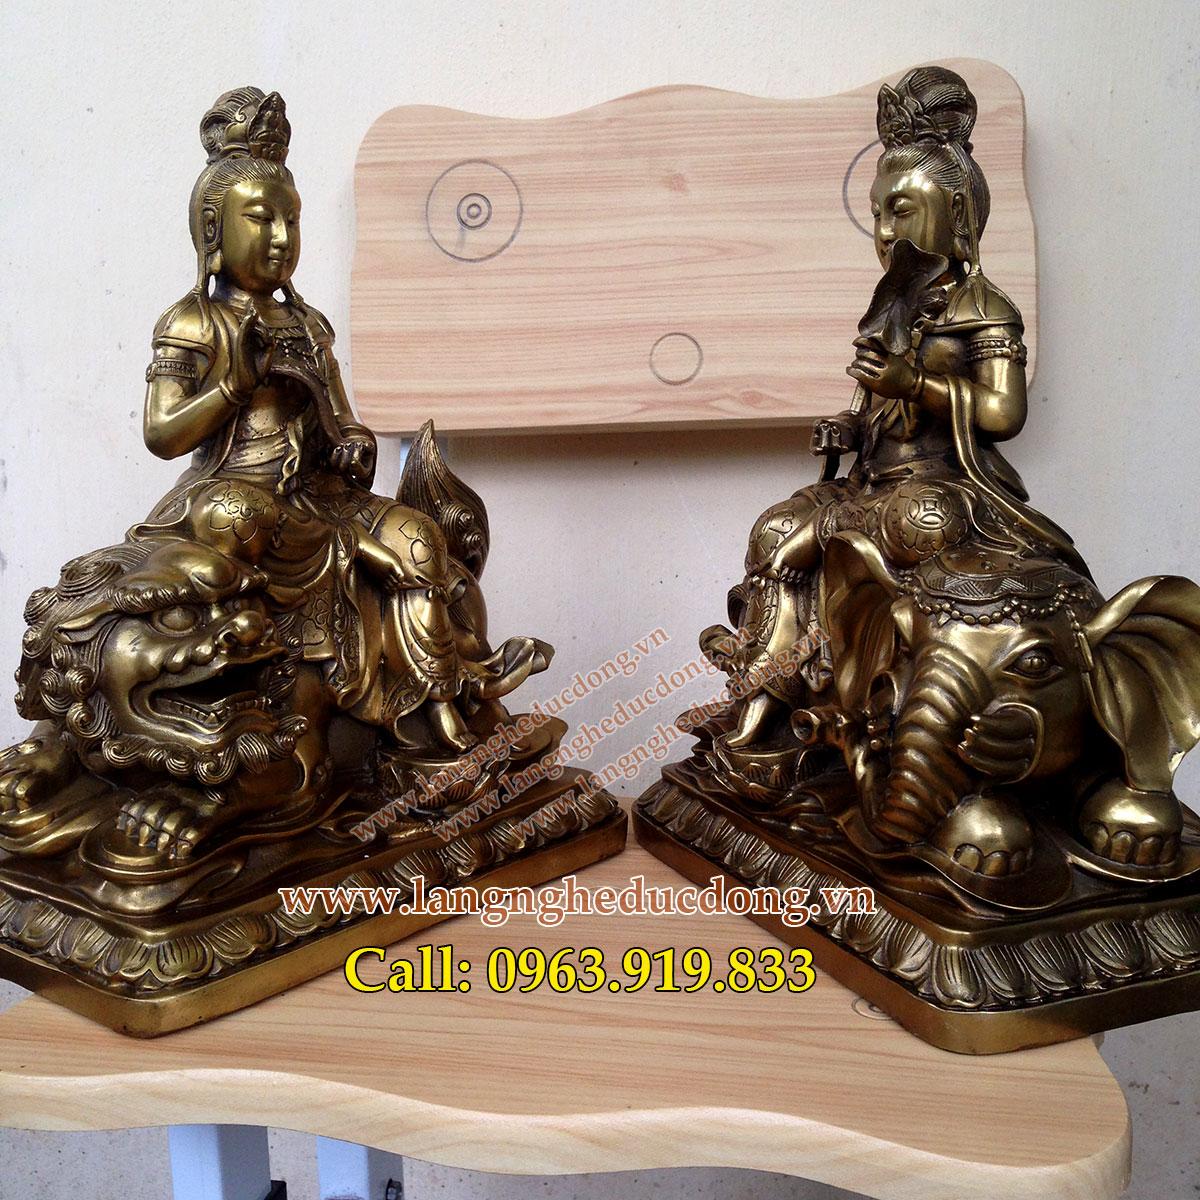 langngheducdong.vn - tượng đồng văn thù phổ hiền mẫu cao 40cm, tượng đồng